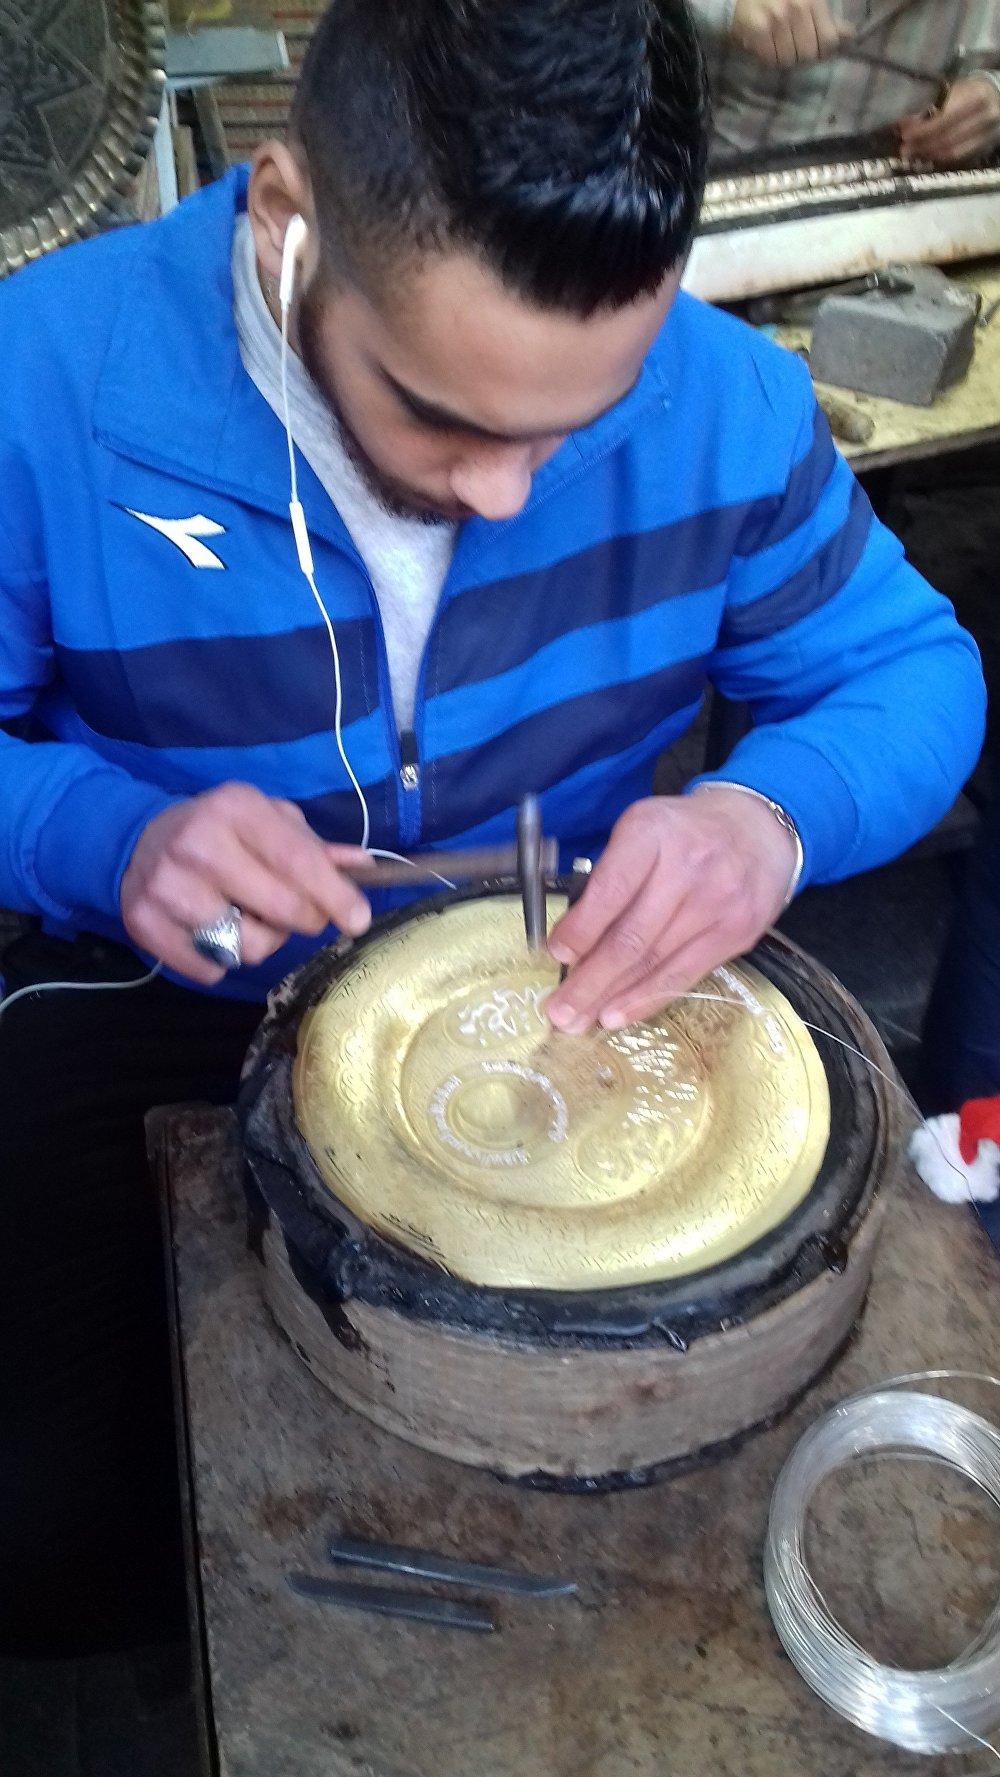 حرفي دمشقي يقوم بممارسة مهنته في تطعيم النحاس